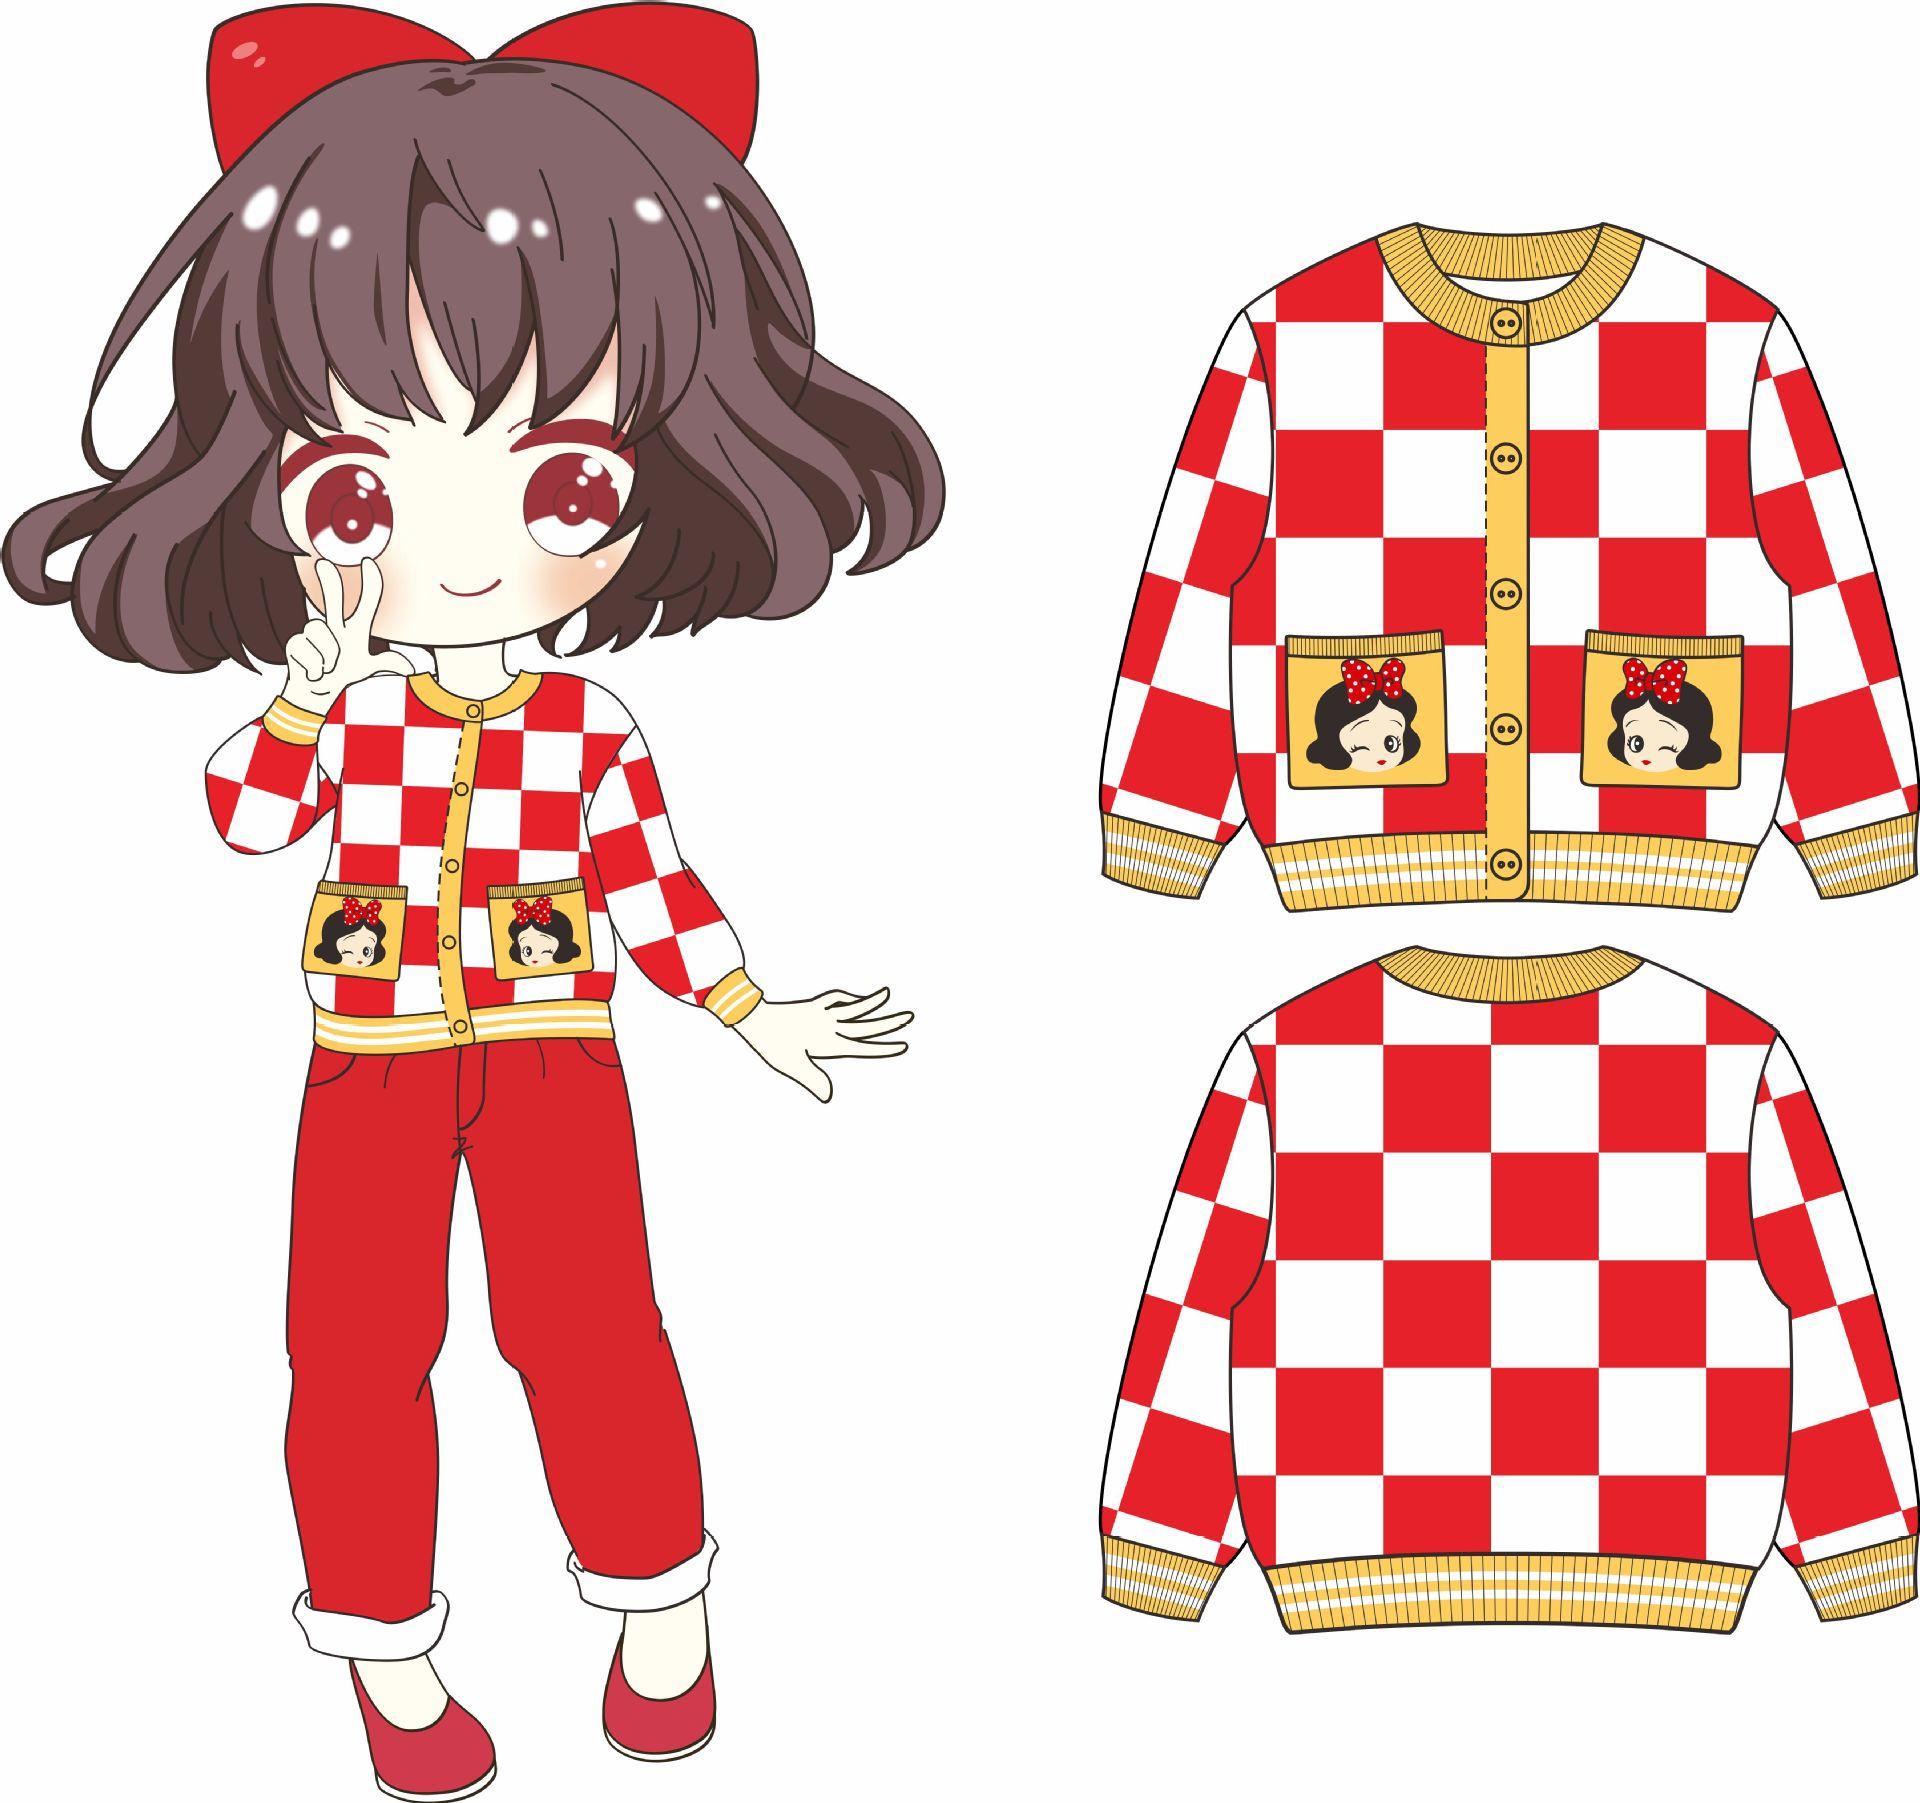 Suéter para niñas, abrigo rojo blanco a cuadros, suéter de otoño para niños pequeños, cárdigan de manga larga para niñas, ropa tejida para niñas